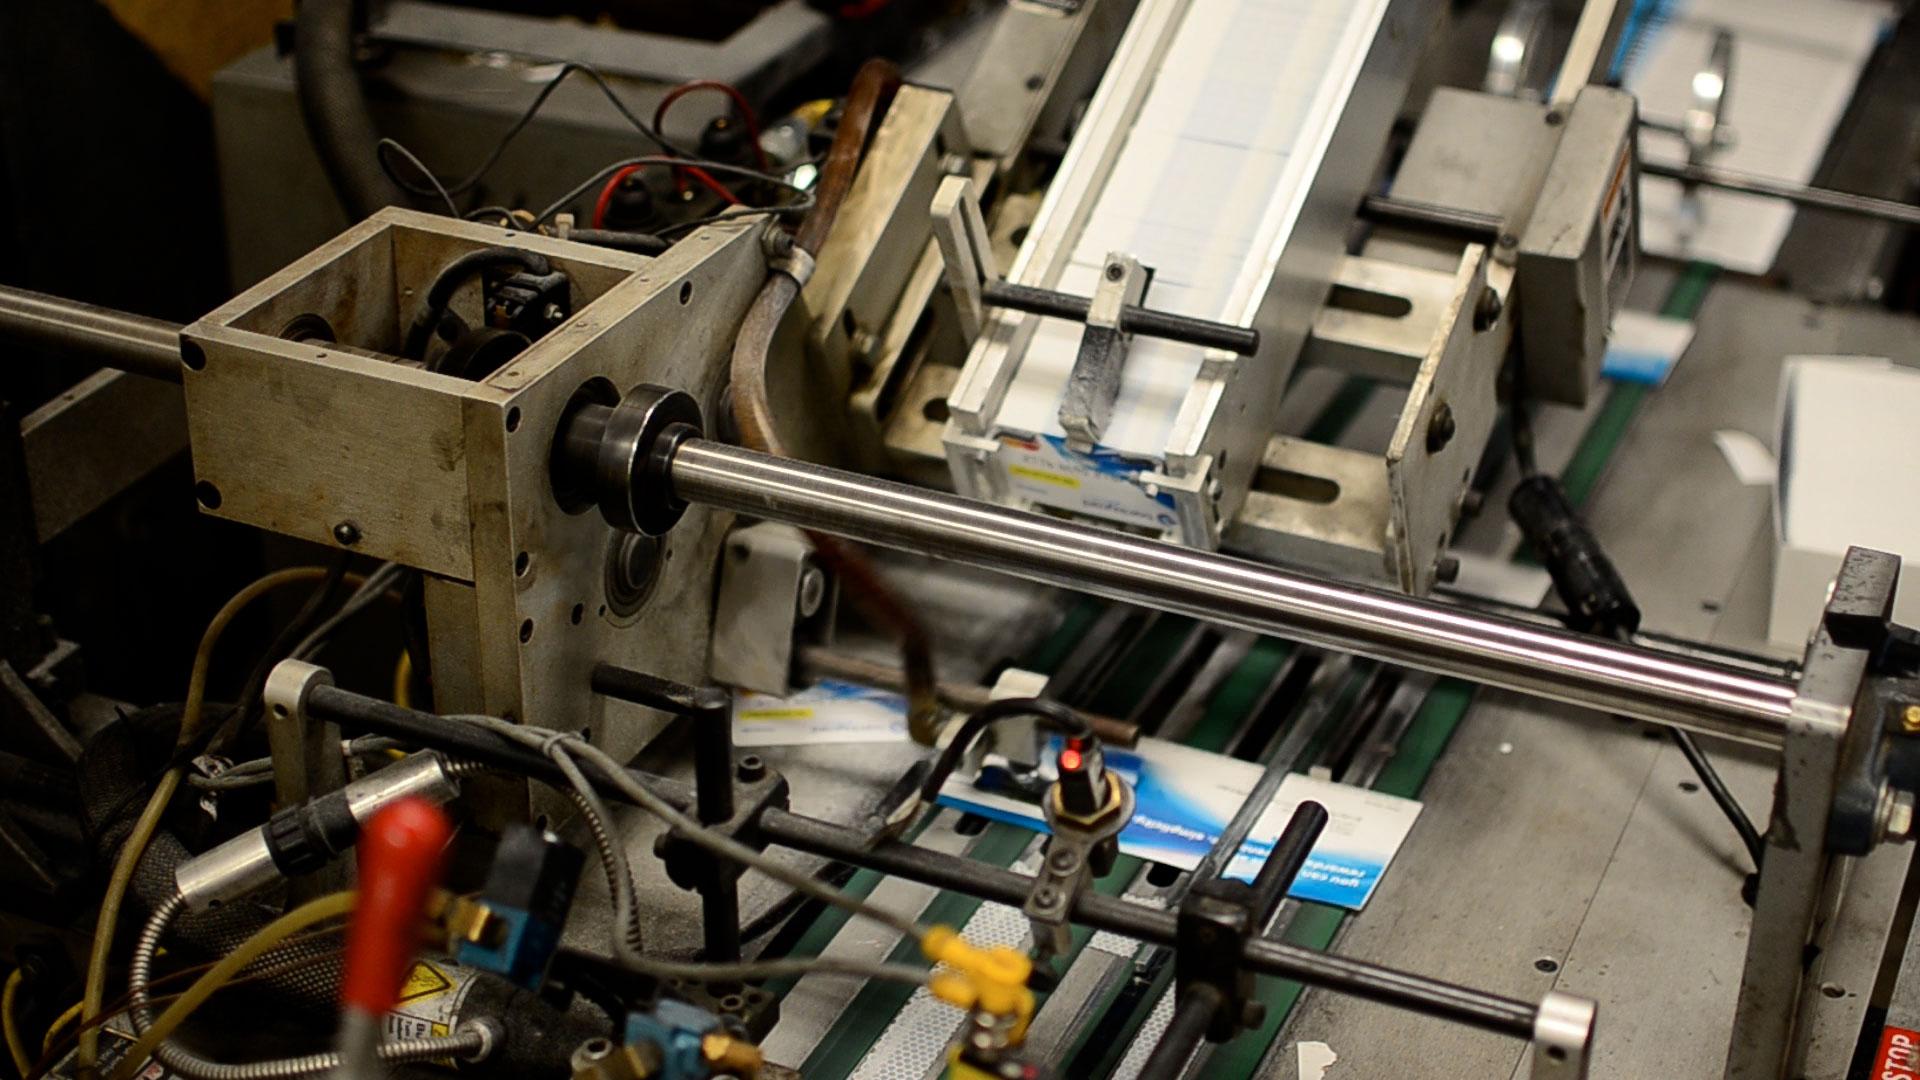 Inserting equipment